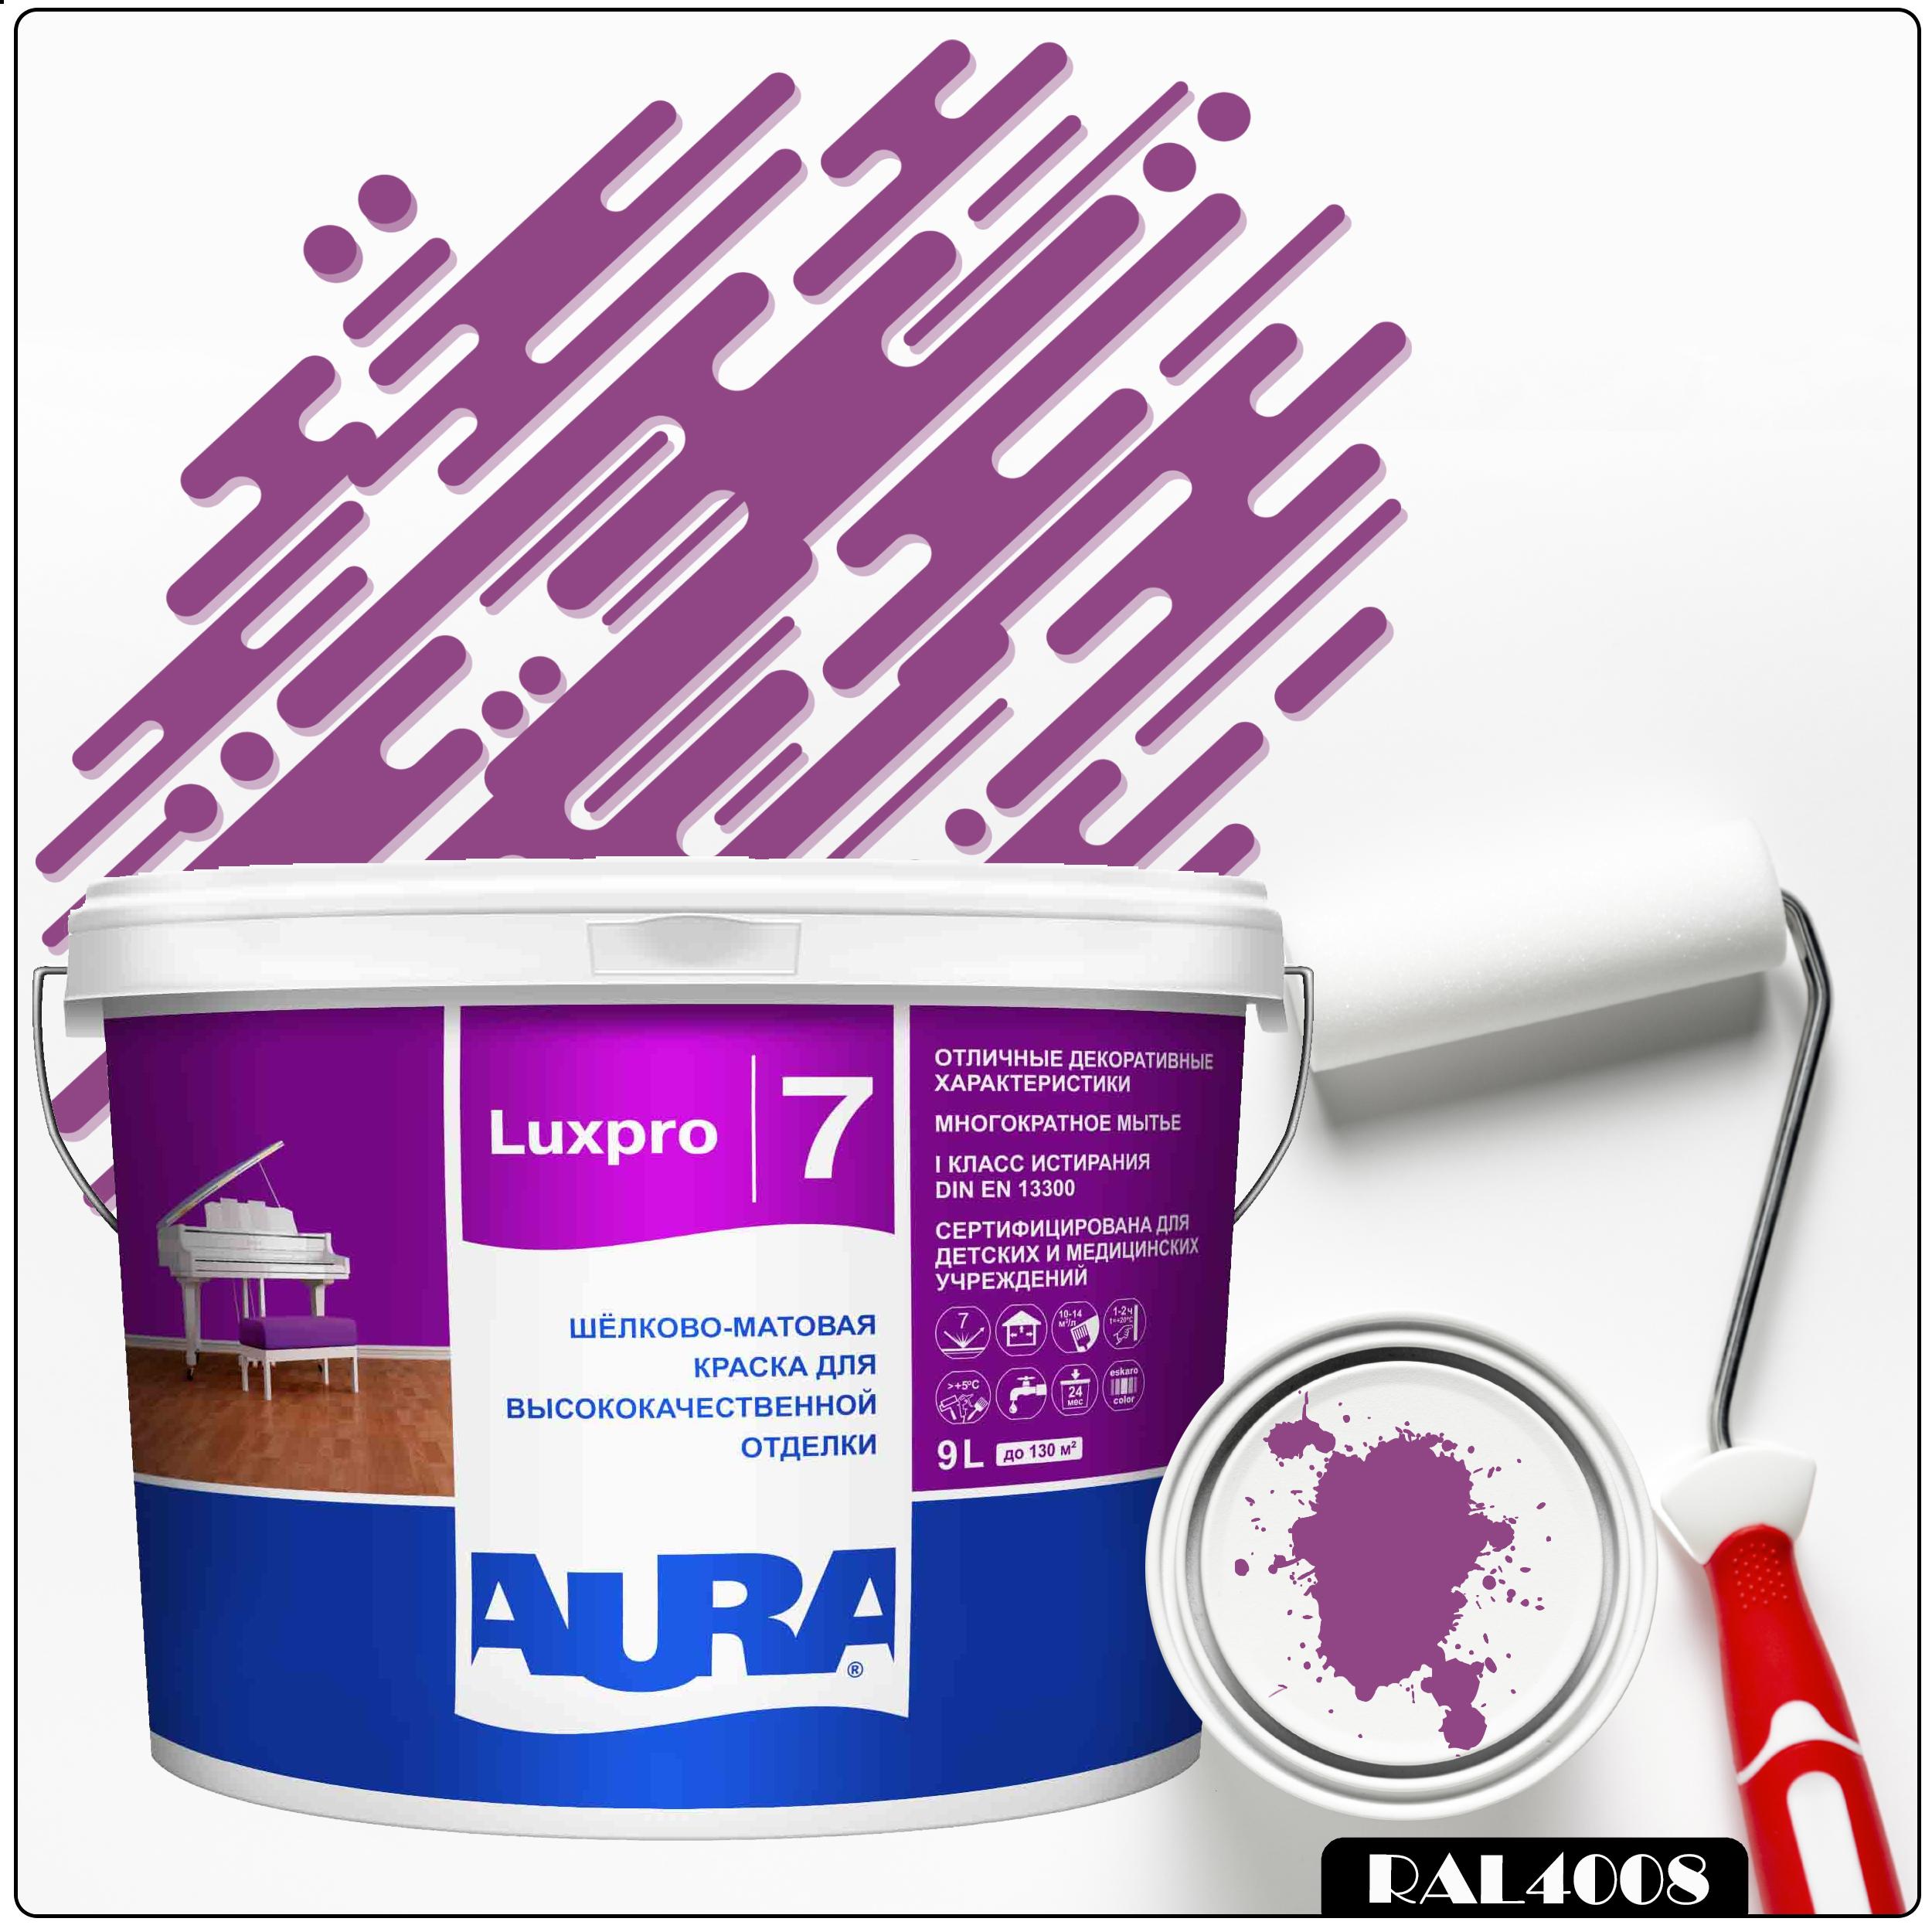 Фото 8 - Краска Aura LuxPRO 7, RAL 4008 Сигнальный фиолетовый, латексная, шелково-матовая, интерьерная, 9л, Аура.